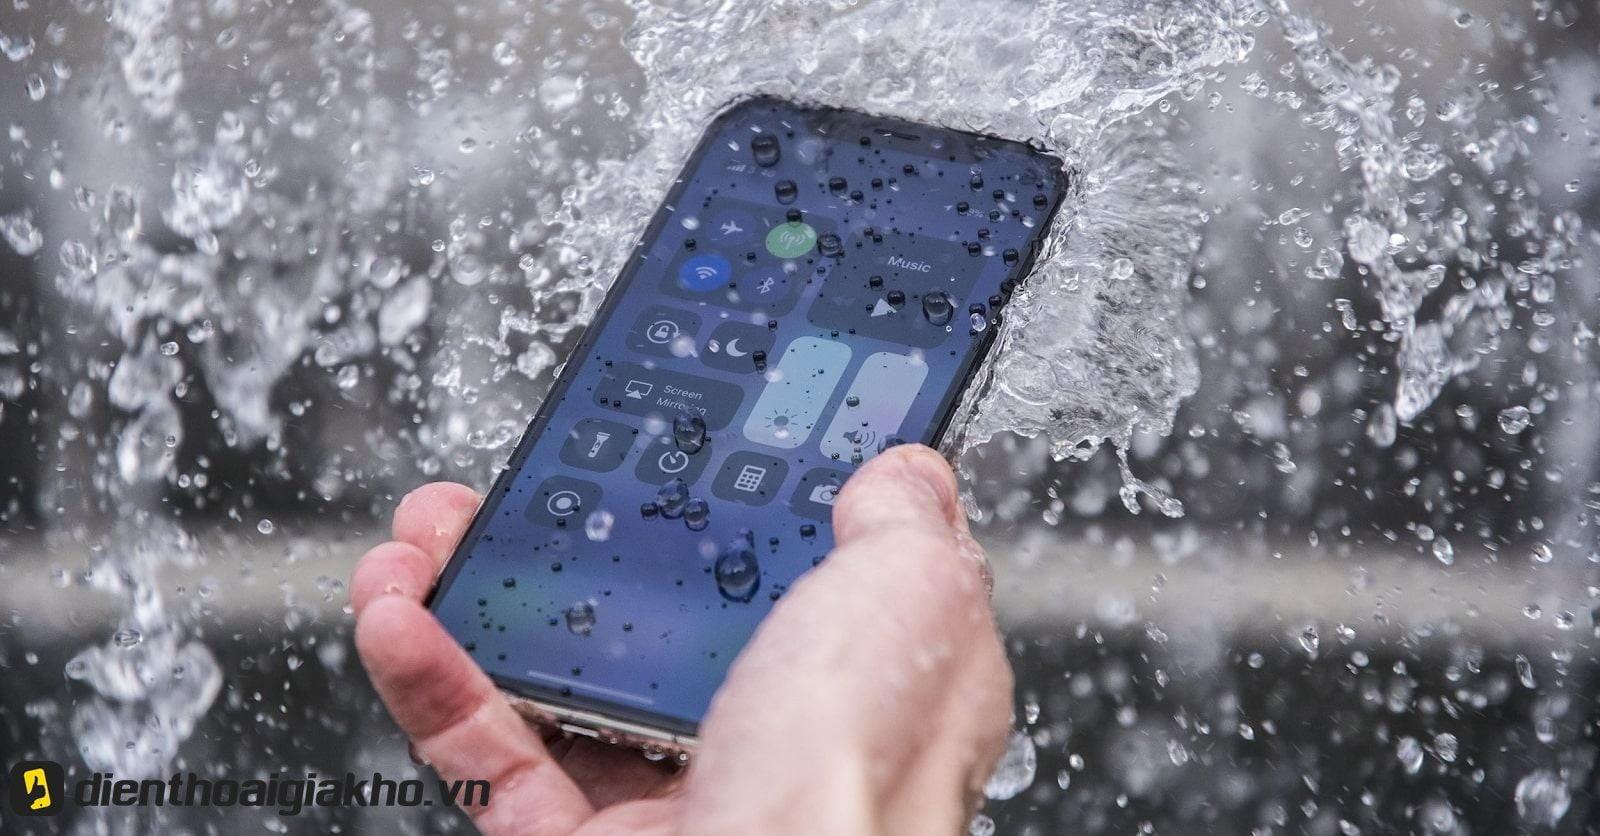 iP 8 Plus có chống nước không